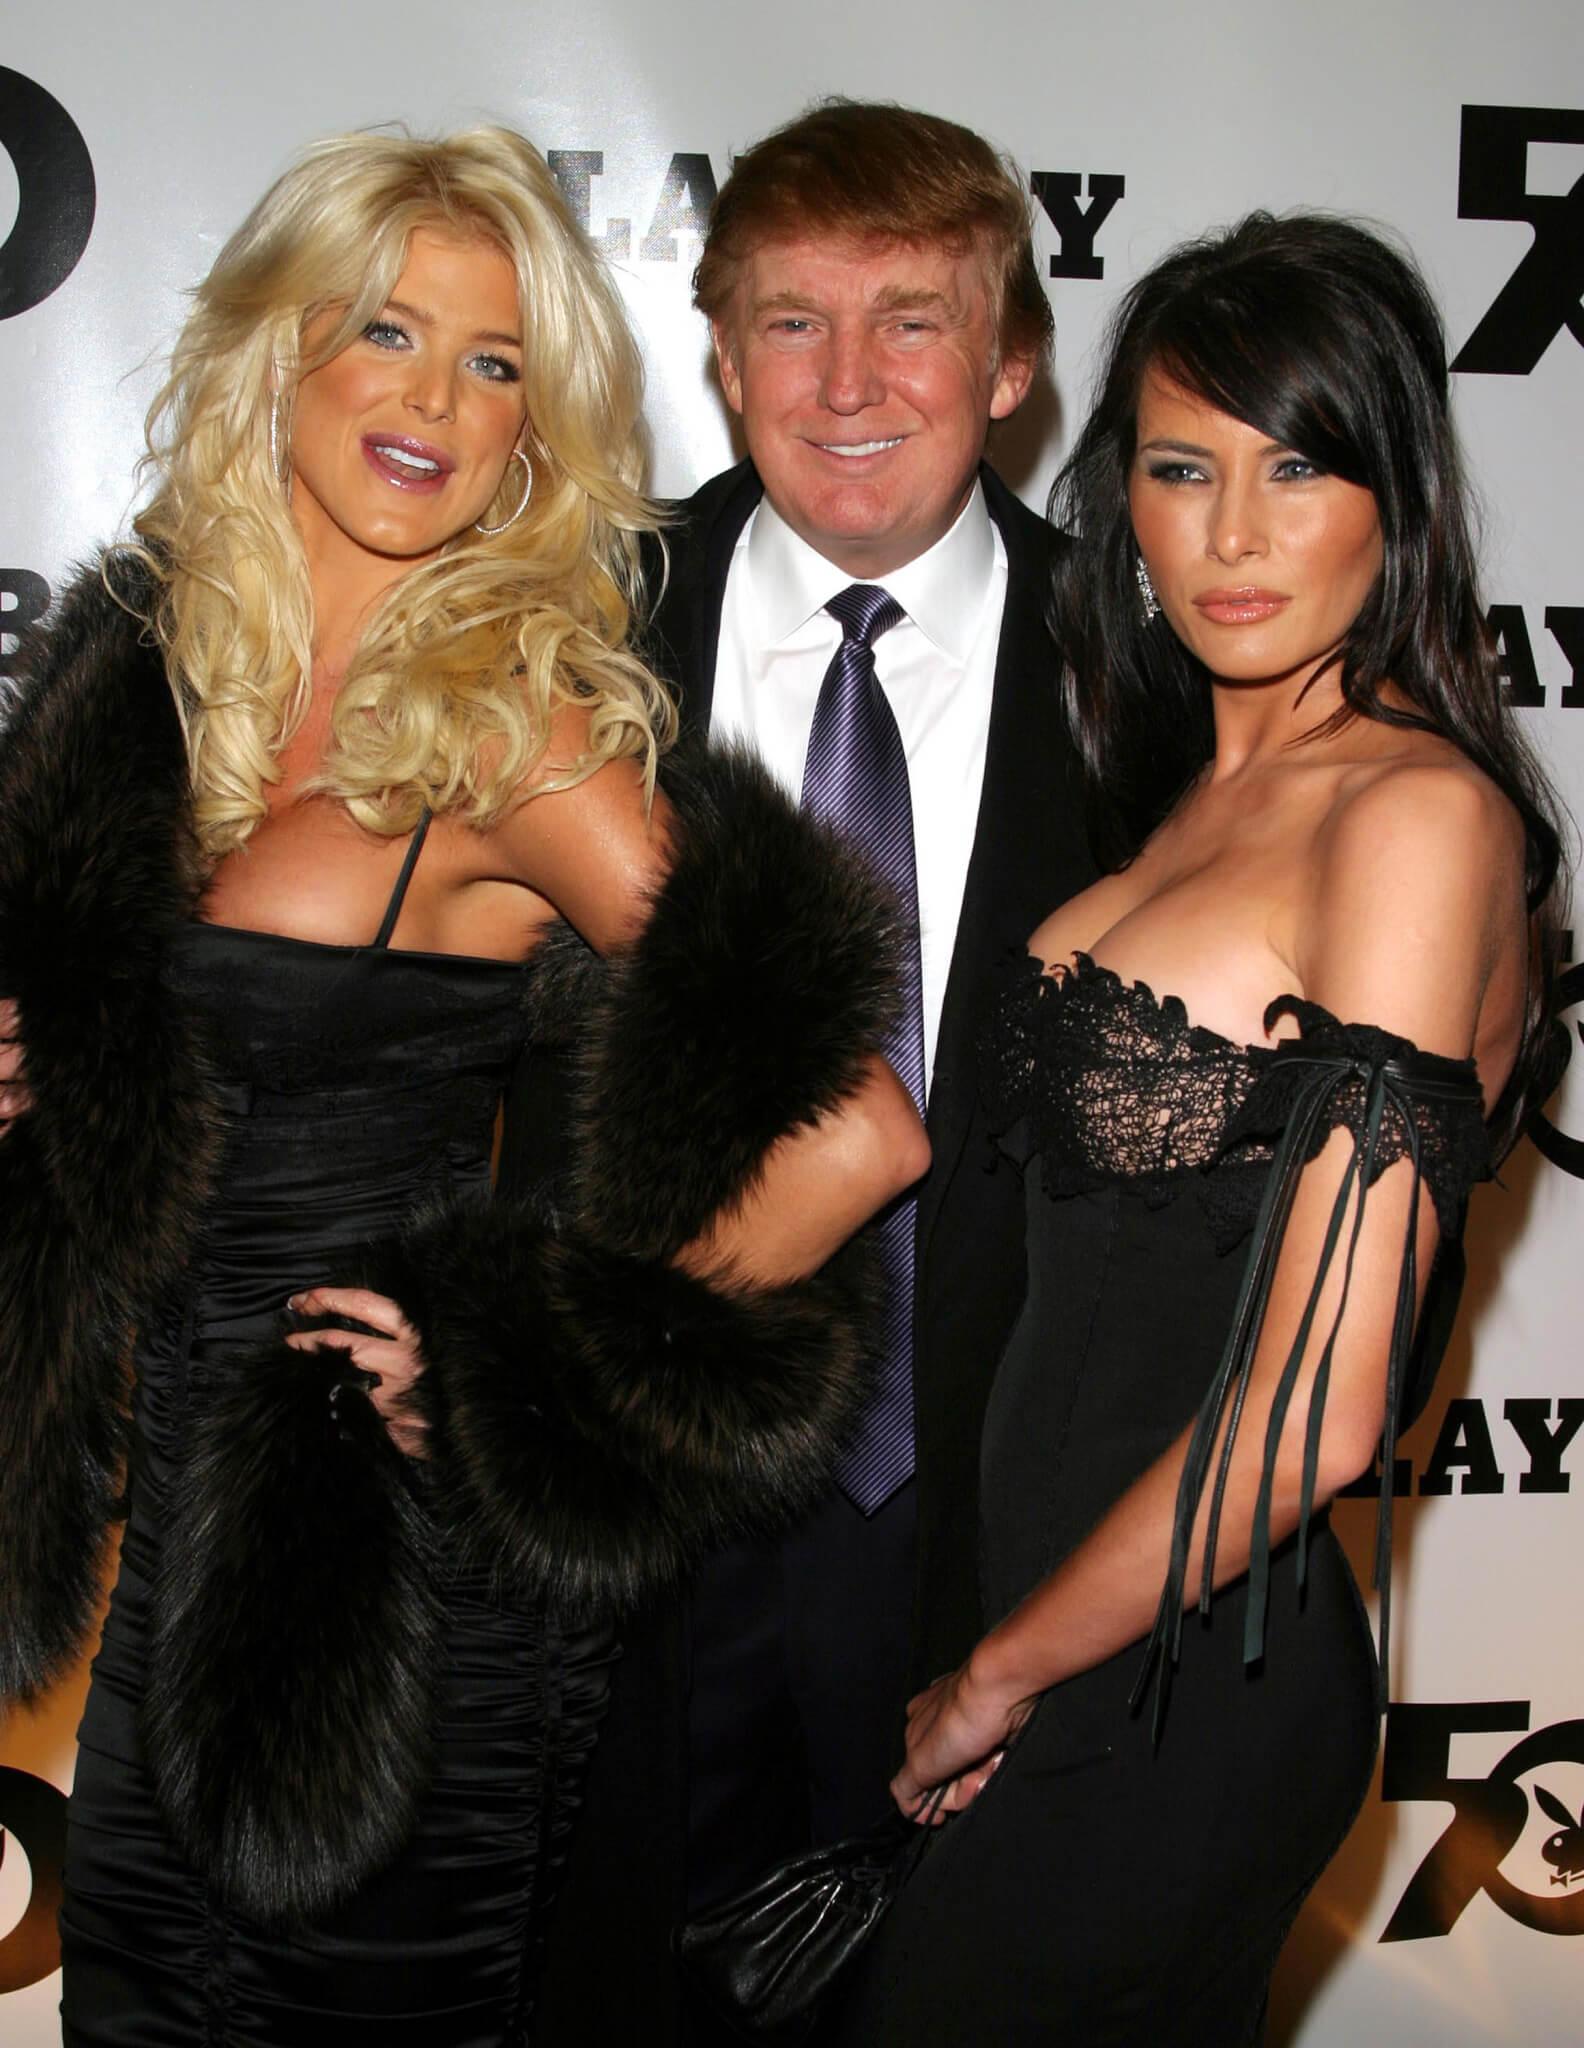 Donald Trump a una festa di Playboy tra Victoria Silvestedt e la moglie Melania.